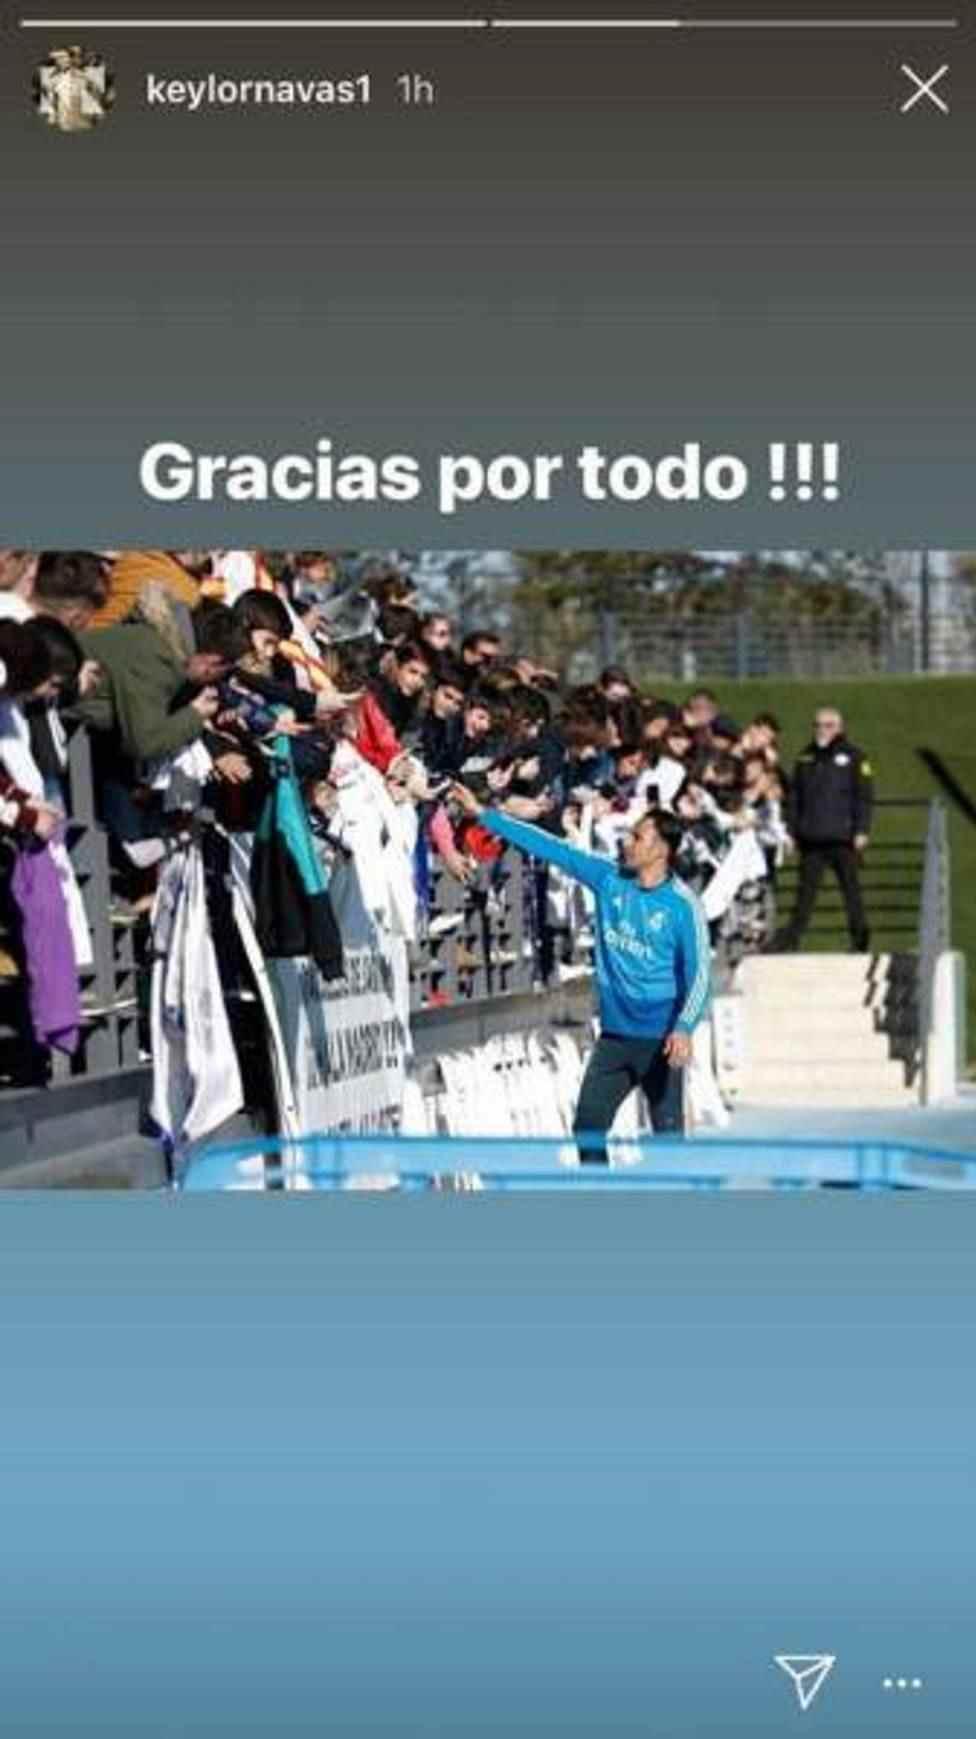 El mensaje de Keylor Navas en Instagram (Foto: Captura).